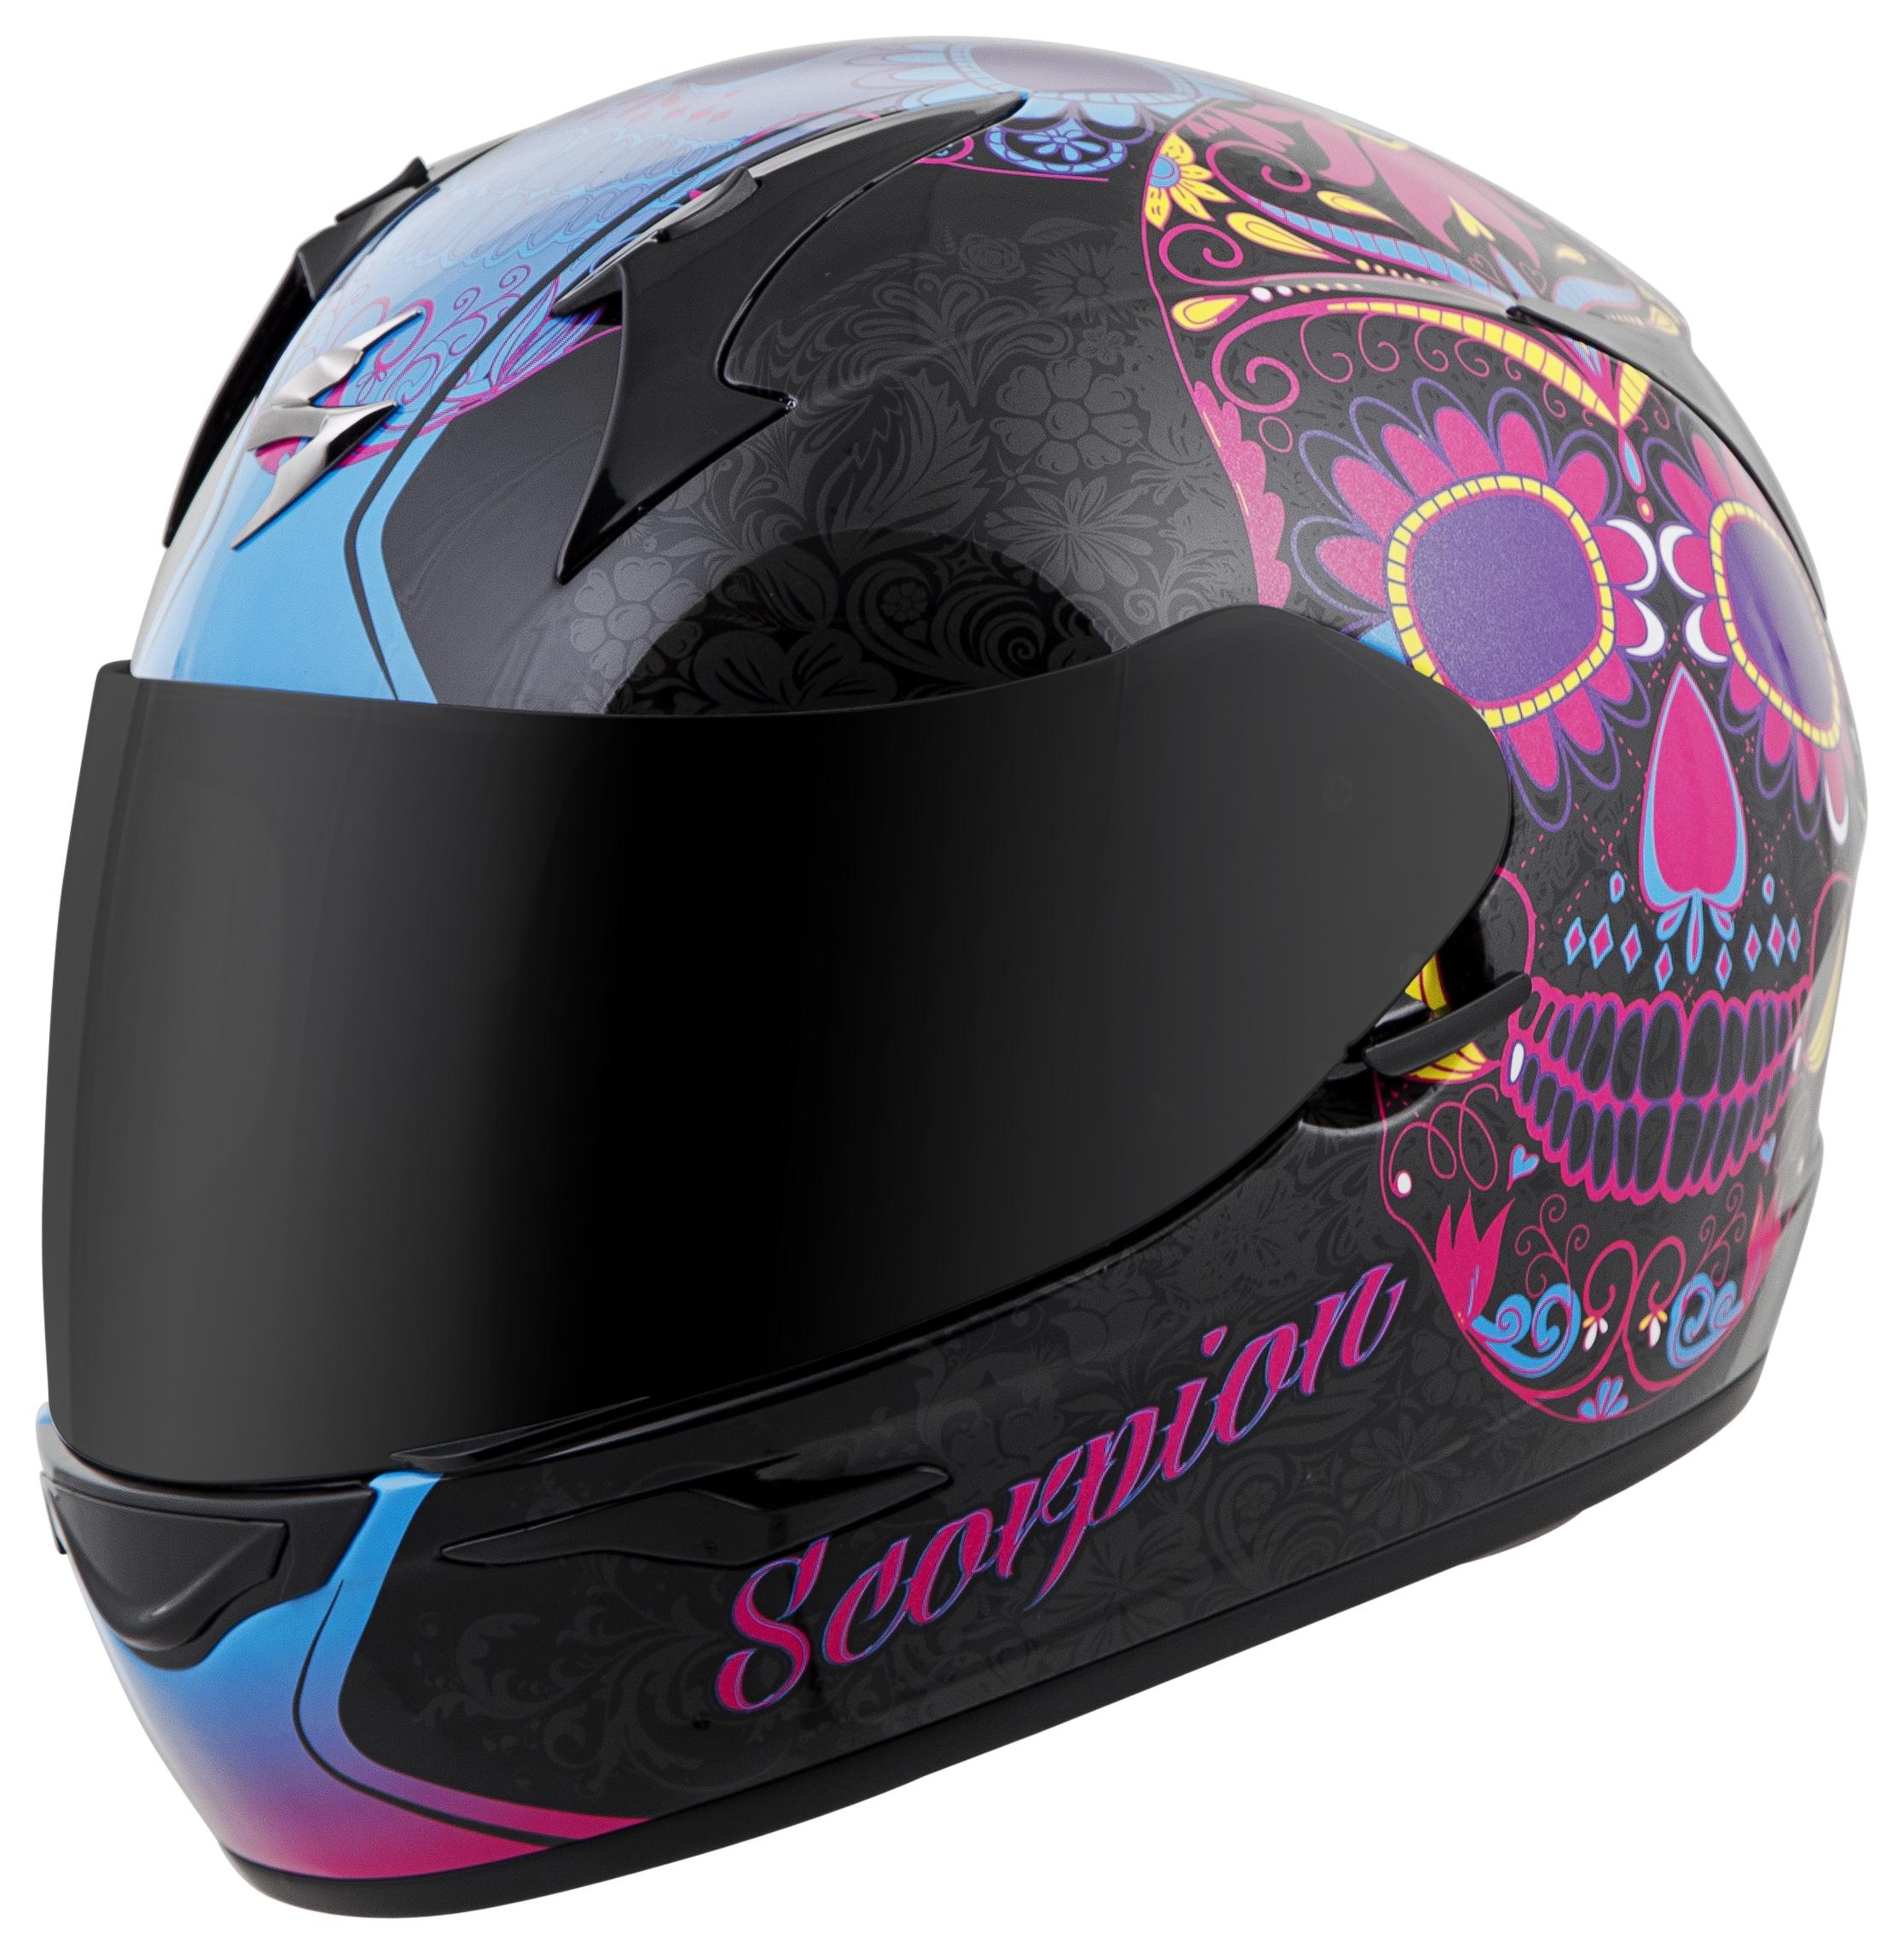 Sugar Skull Motorcycle Helmets - Helmet decals motorcycle womens